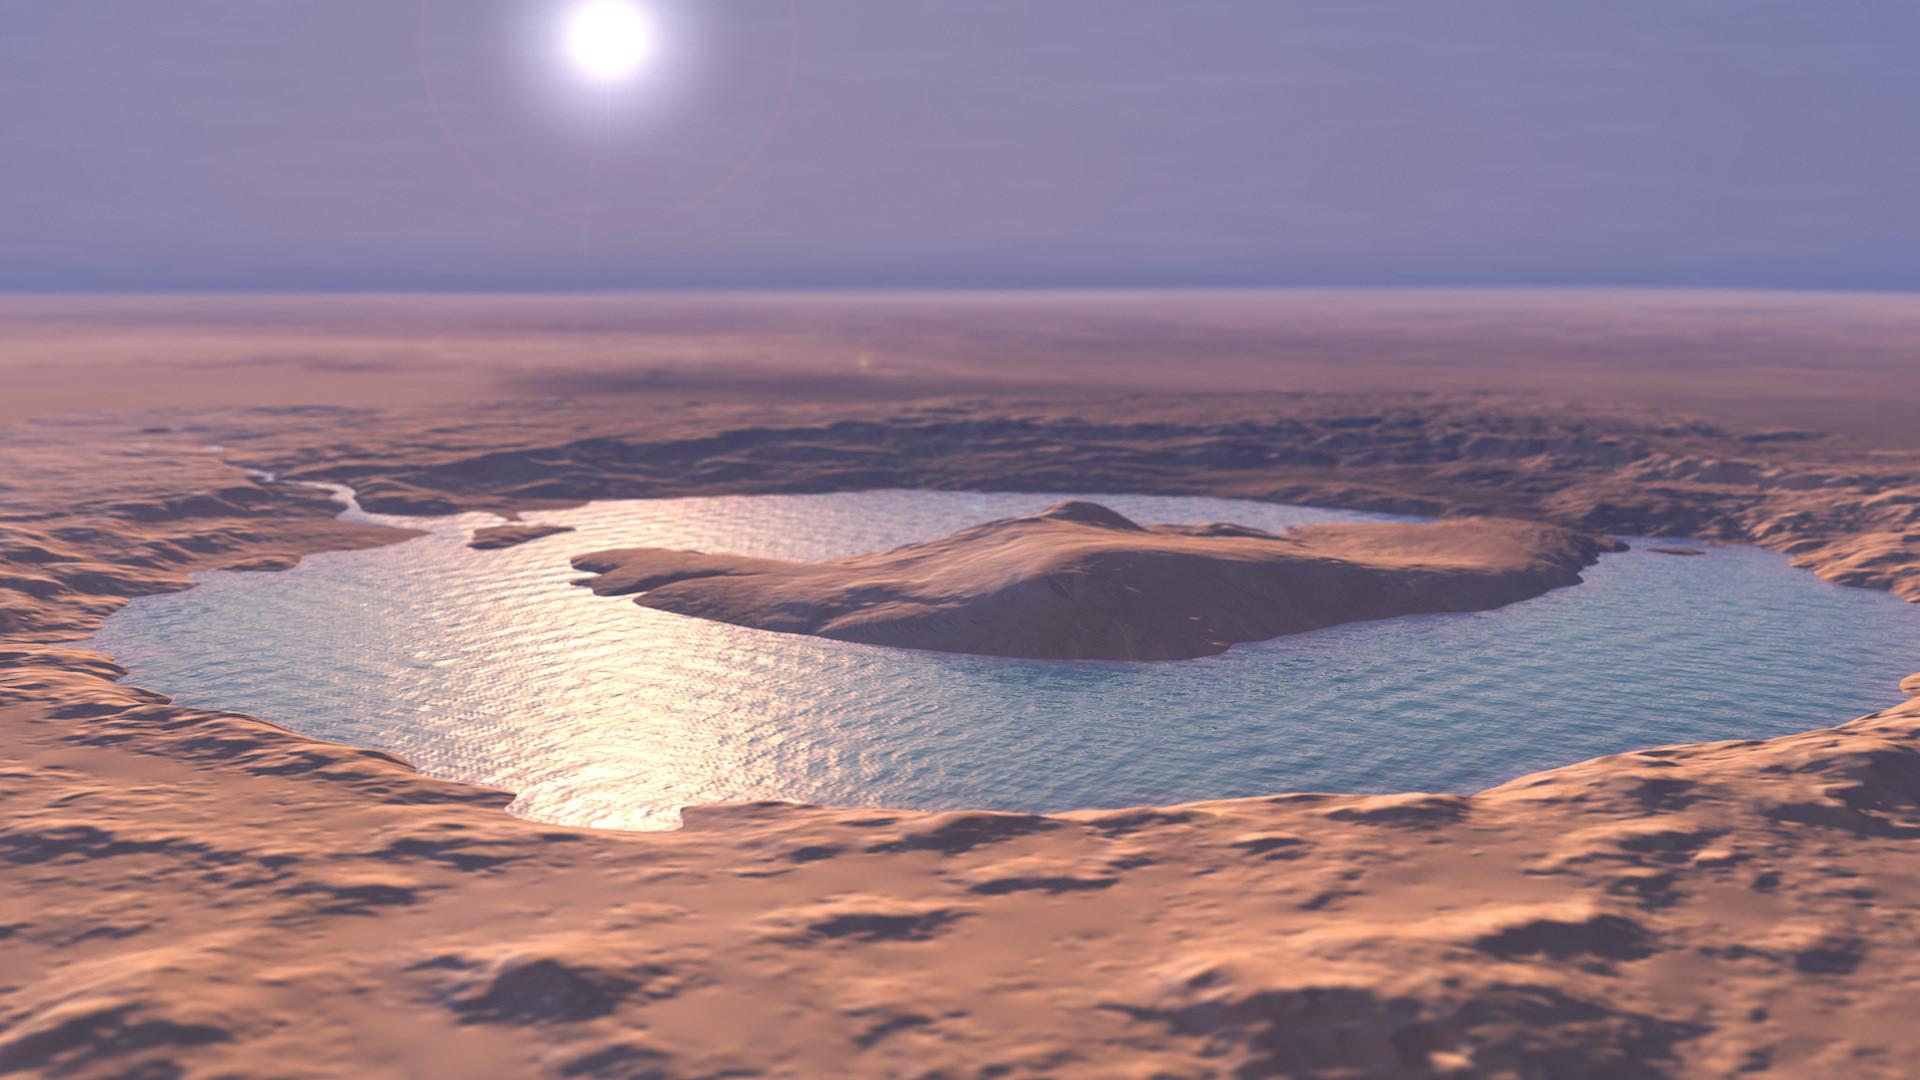 Et s'il y avait de l'eau oxygénée sur Mars ? Une étude change l'idée qu'on  se fait de la vie sur l'astre rouge